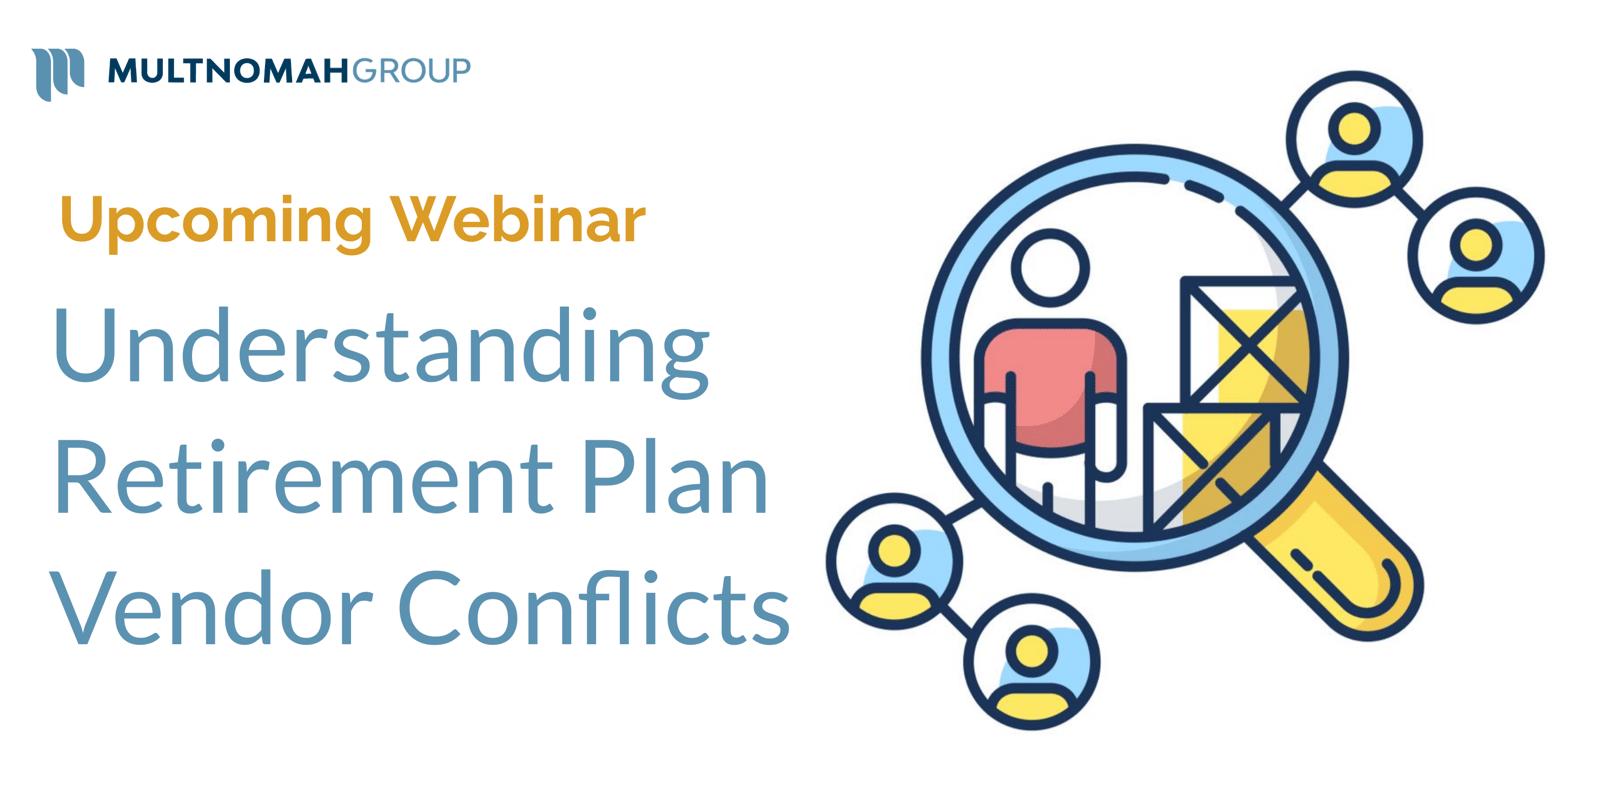 Upcoming Webinar: Understanding Retirement Plan Vendor Conflicts